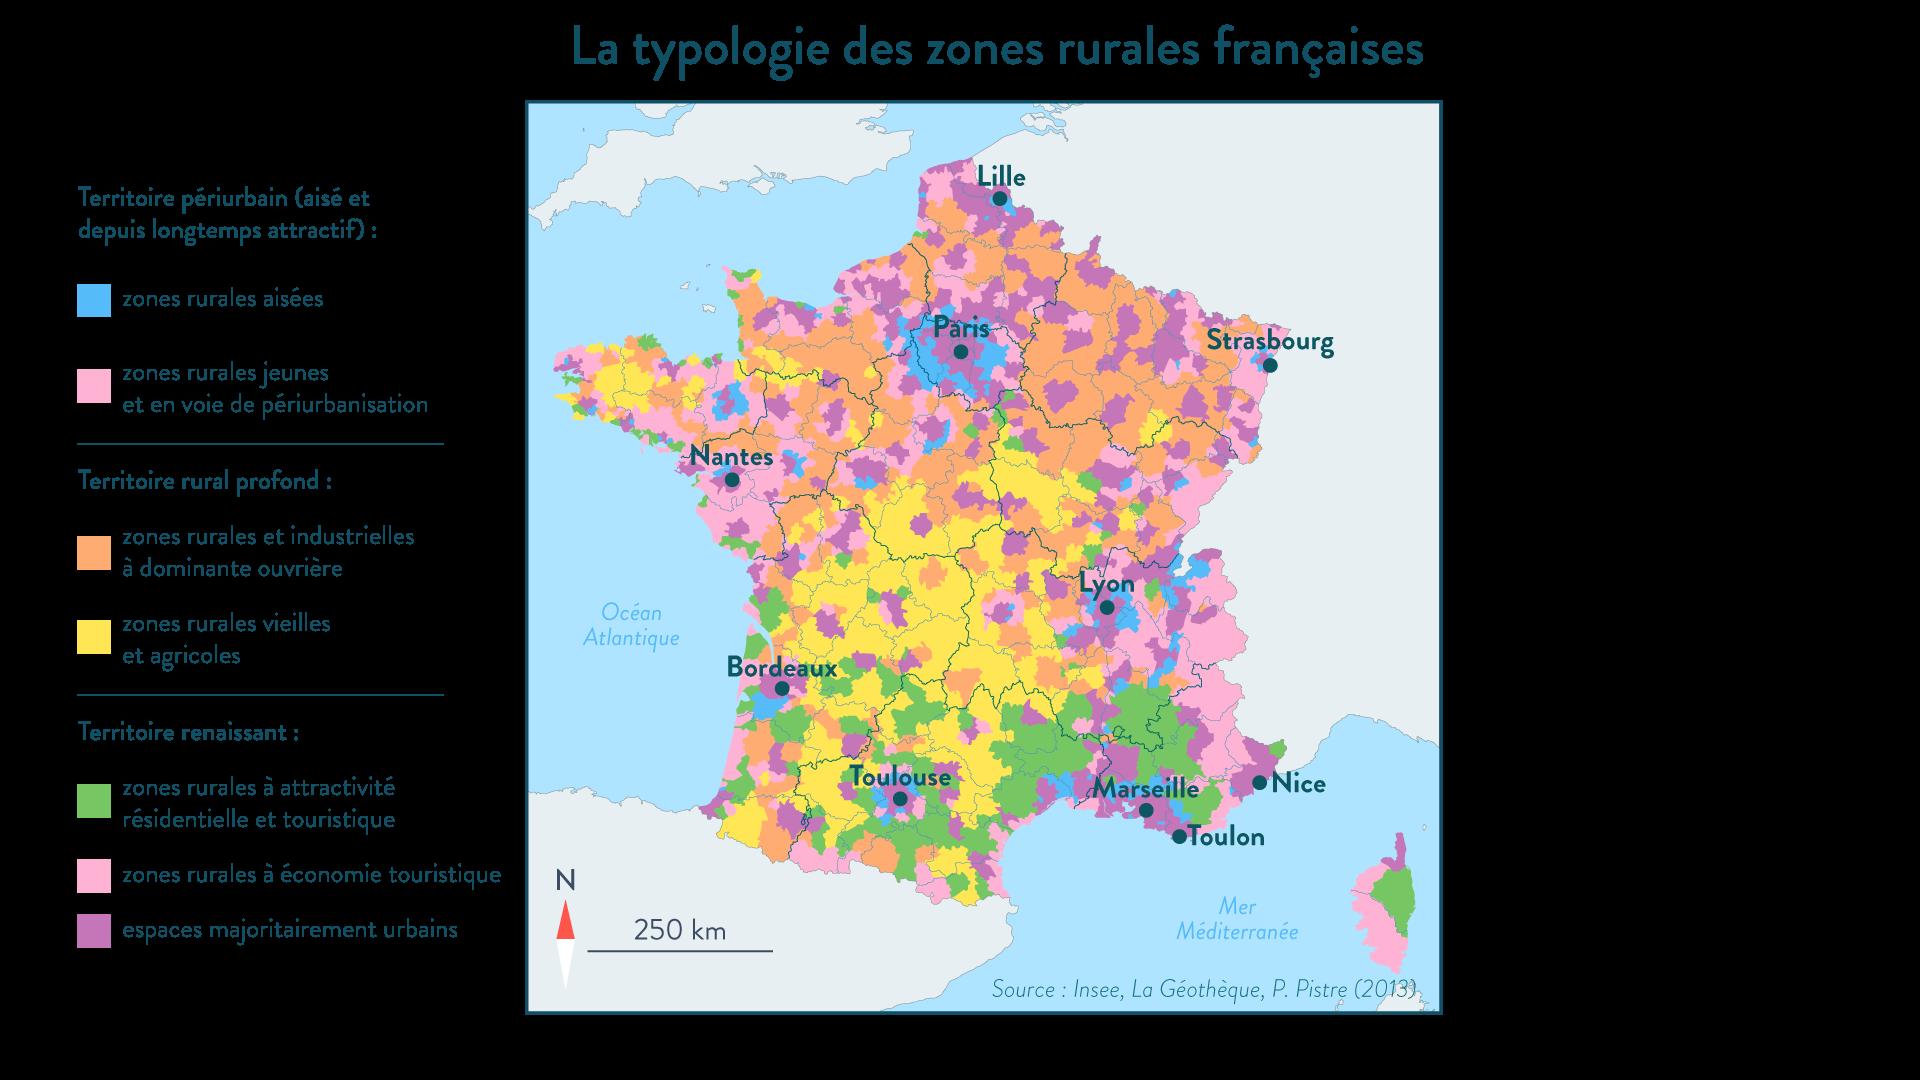 Typologie des régions rurales françaises - SchoolMouv - 1re - géographie